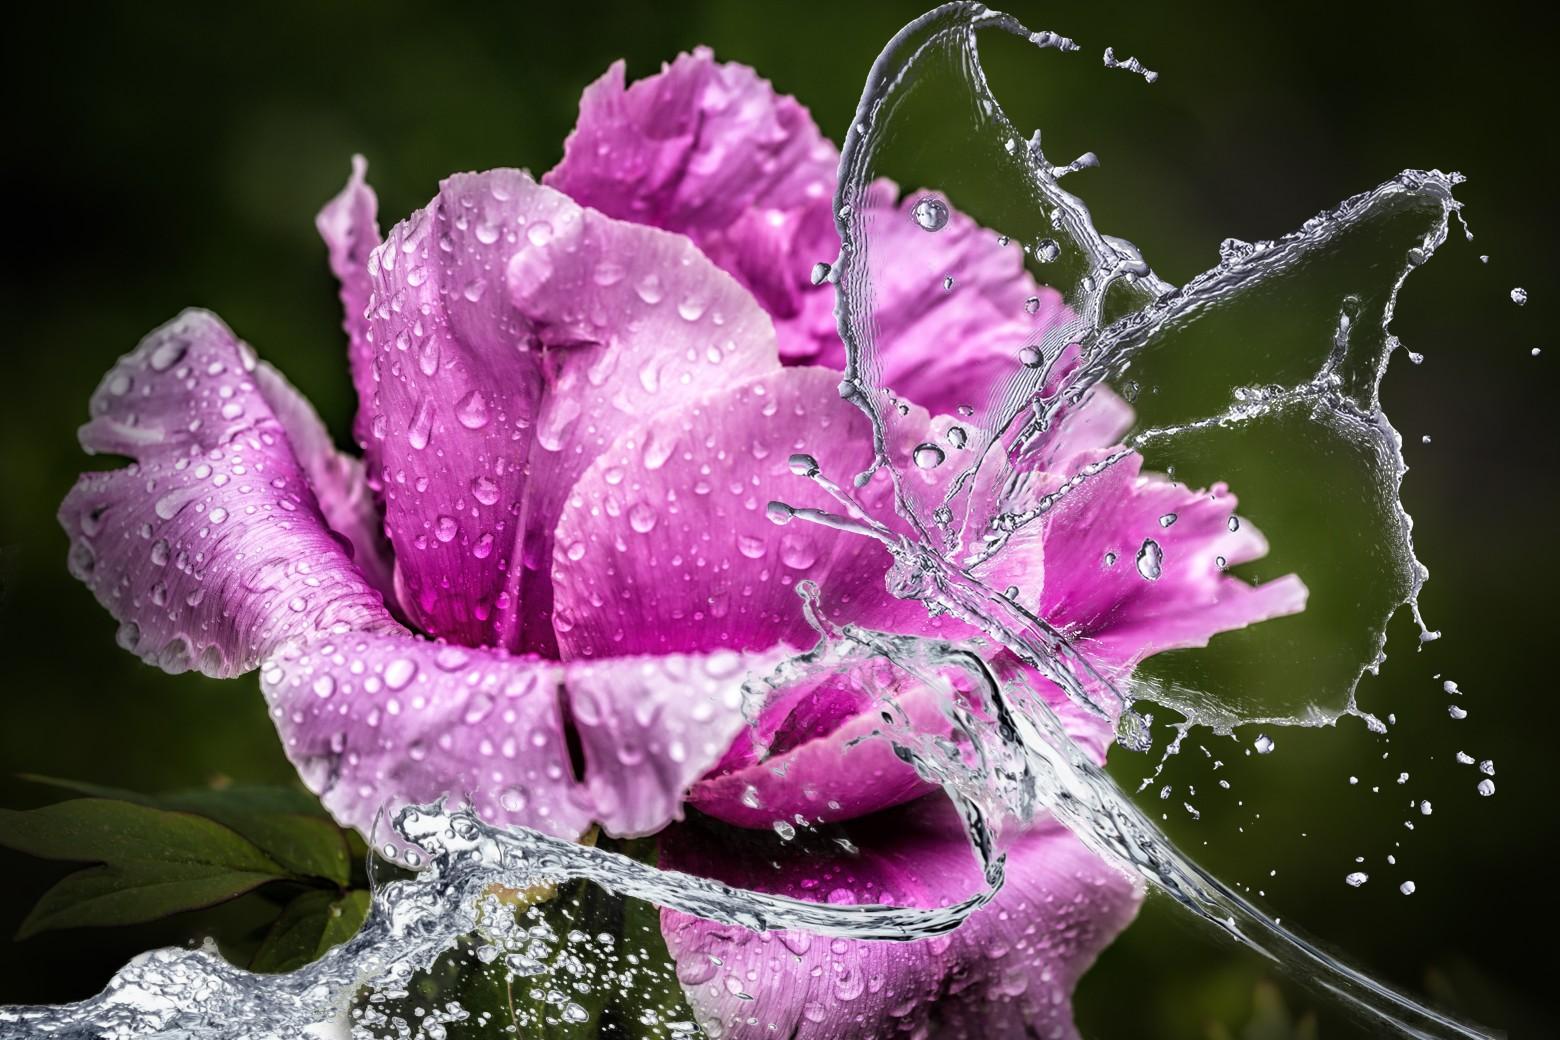 le pluie goutte fleur photos gratuites images gratuites et libres de droits. Black Bedroom Furniture Sets. Home Design Ideas